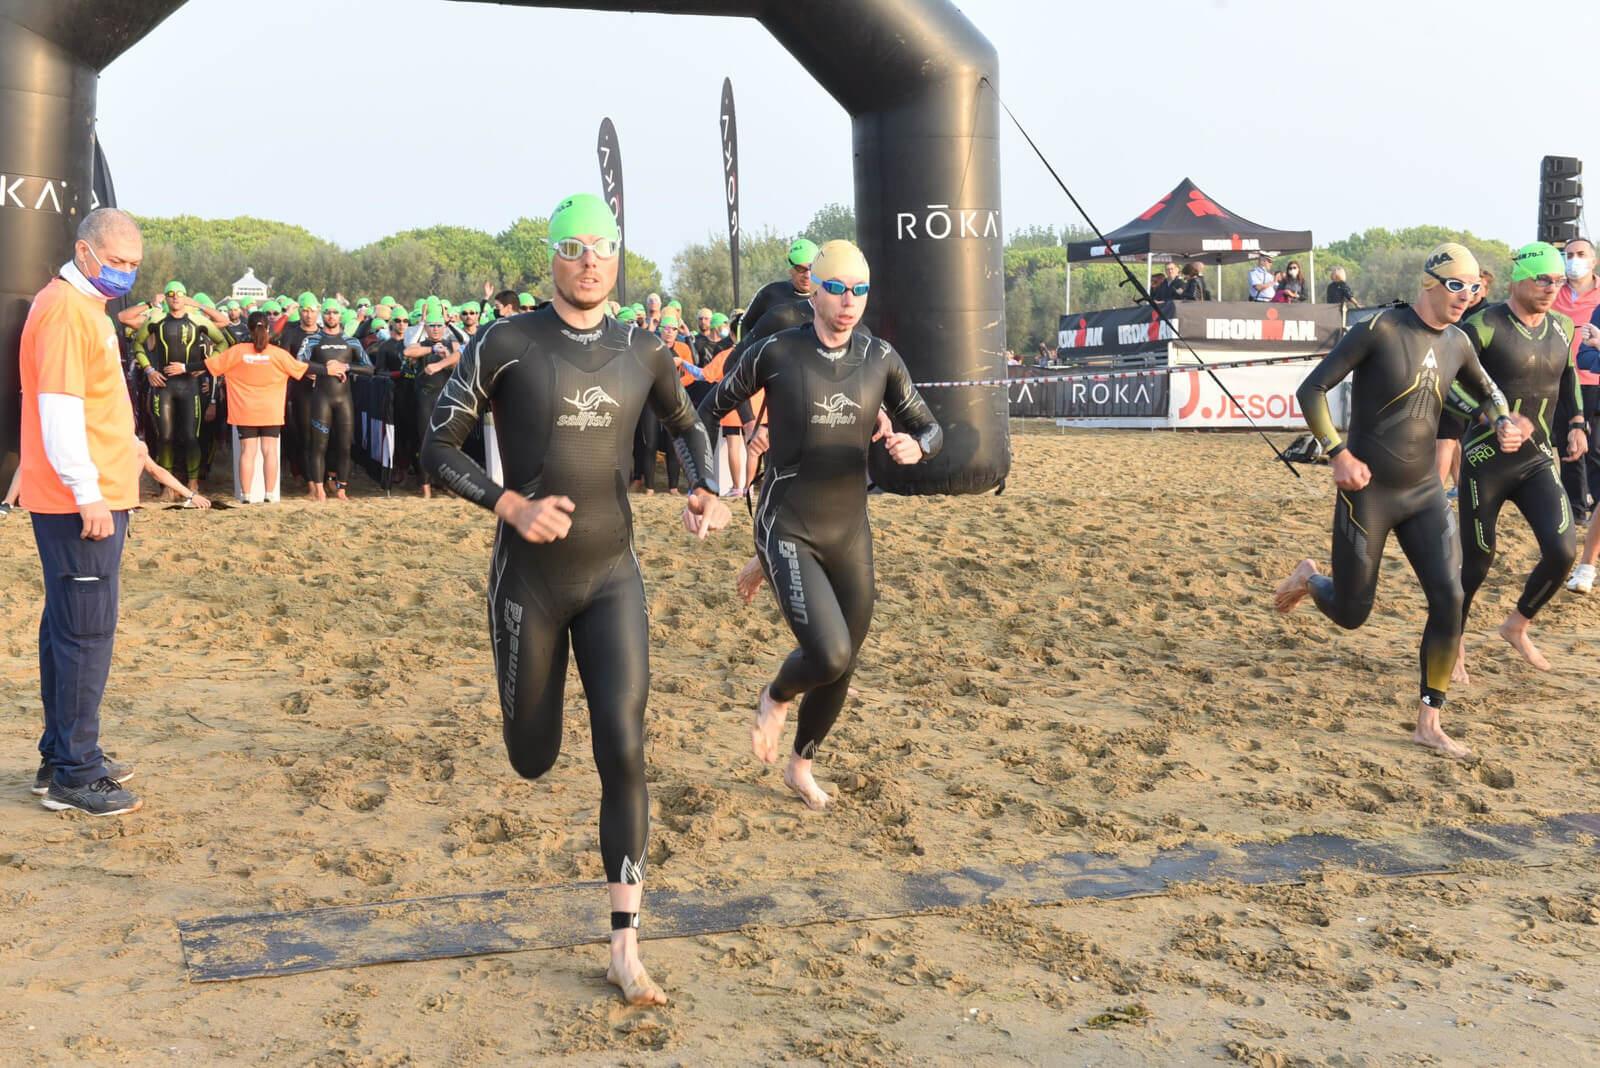 Swim Ironman 70.3 Venice-Jesolo 2021 Bild: FinisherPix